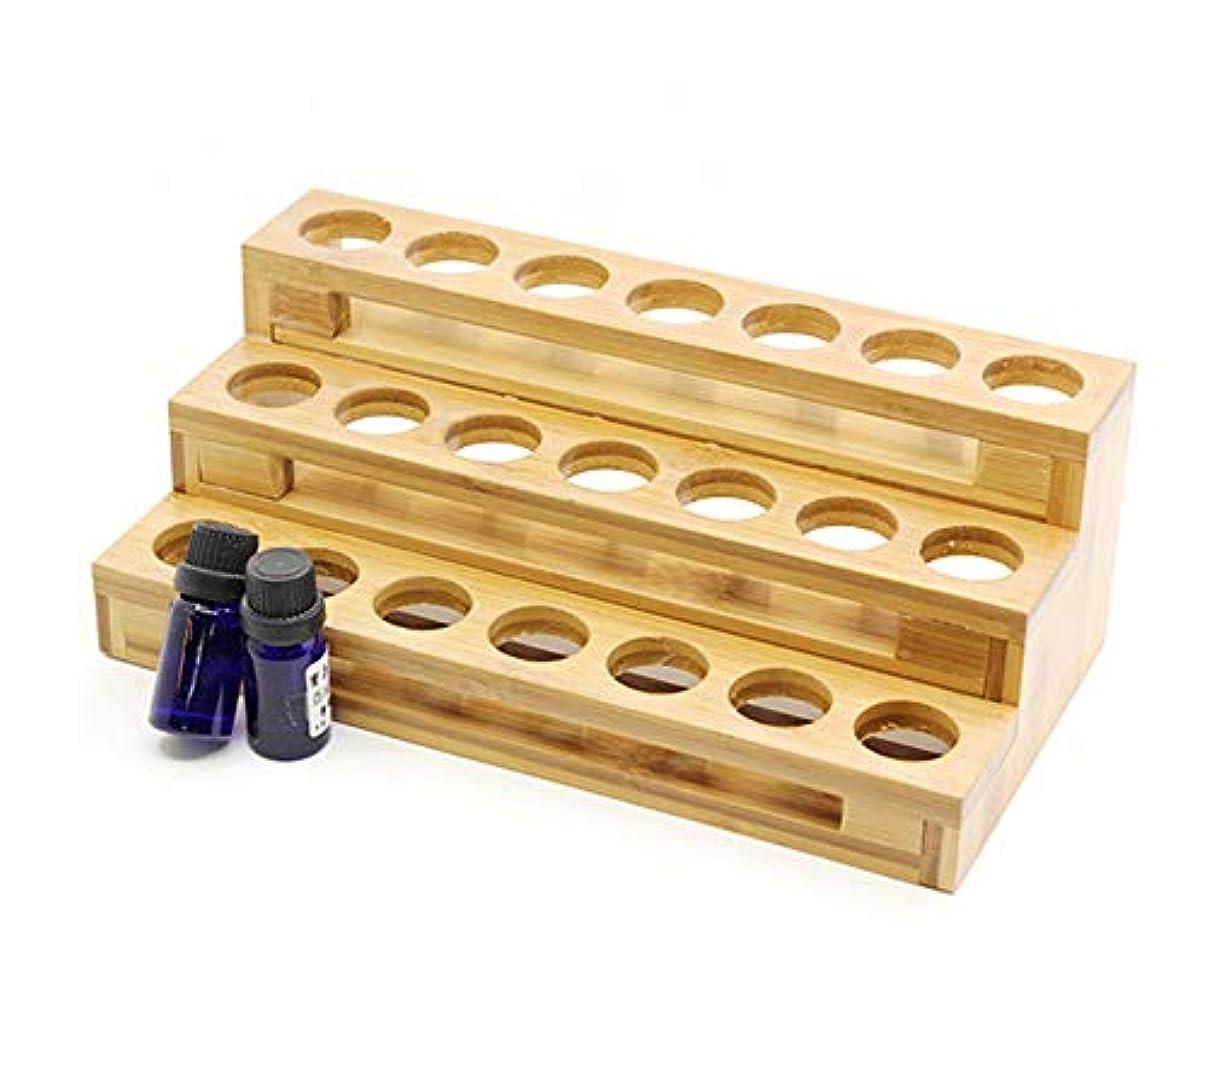 カフェテリア記述する人気エッセンシャルオイル収納ボックス エッセンシャルオイル香水コレクションディスプレイスタンド 18本用 木製エッセンシャルオイルボックス メイクポーチ 精油収納ケース 携帯用 自然ウッド精油収納ボックス 香水収納ケース